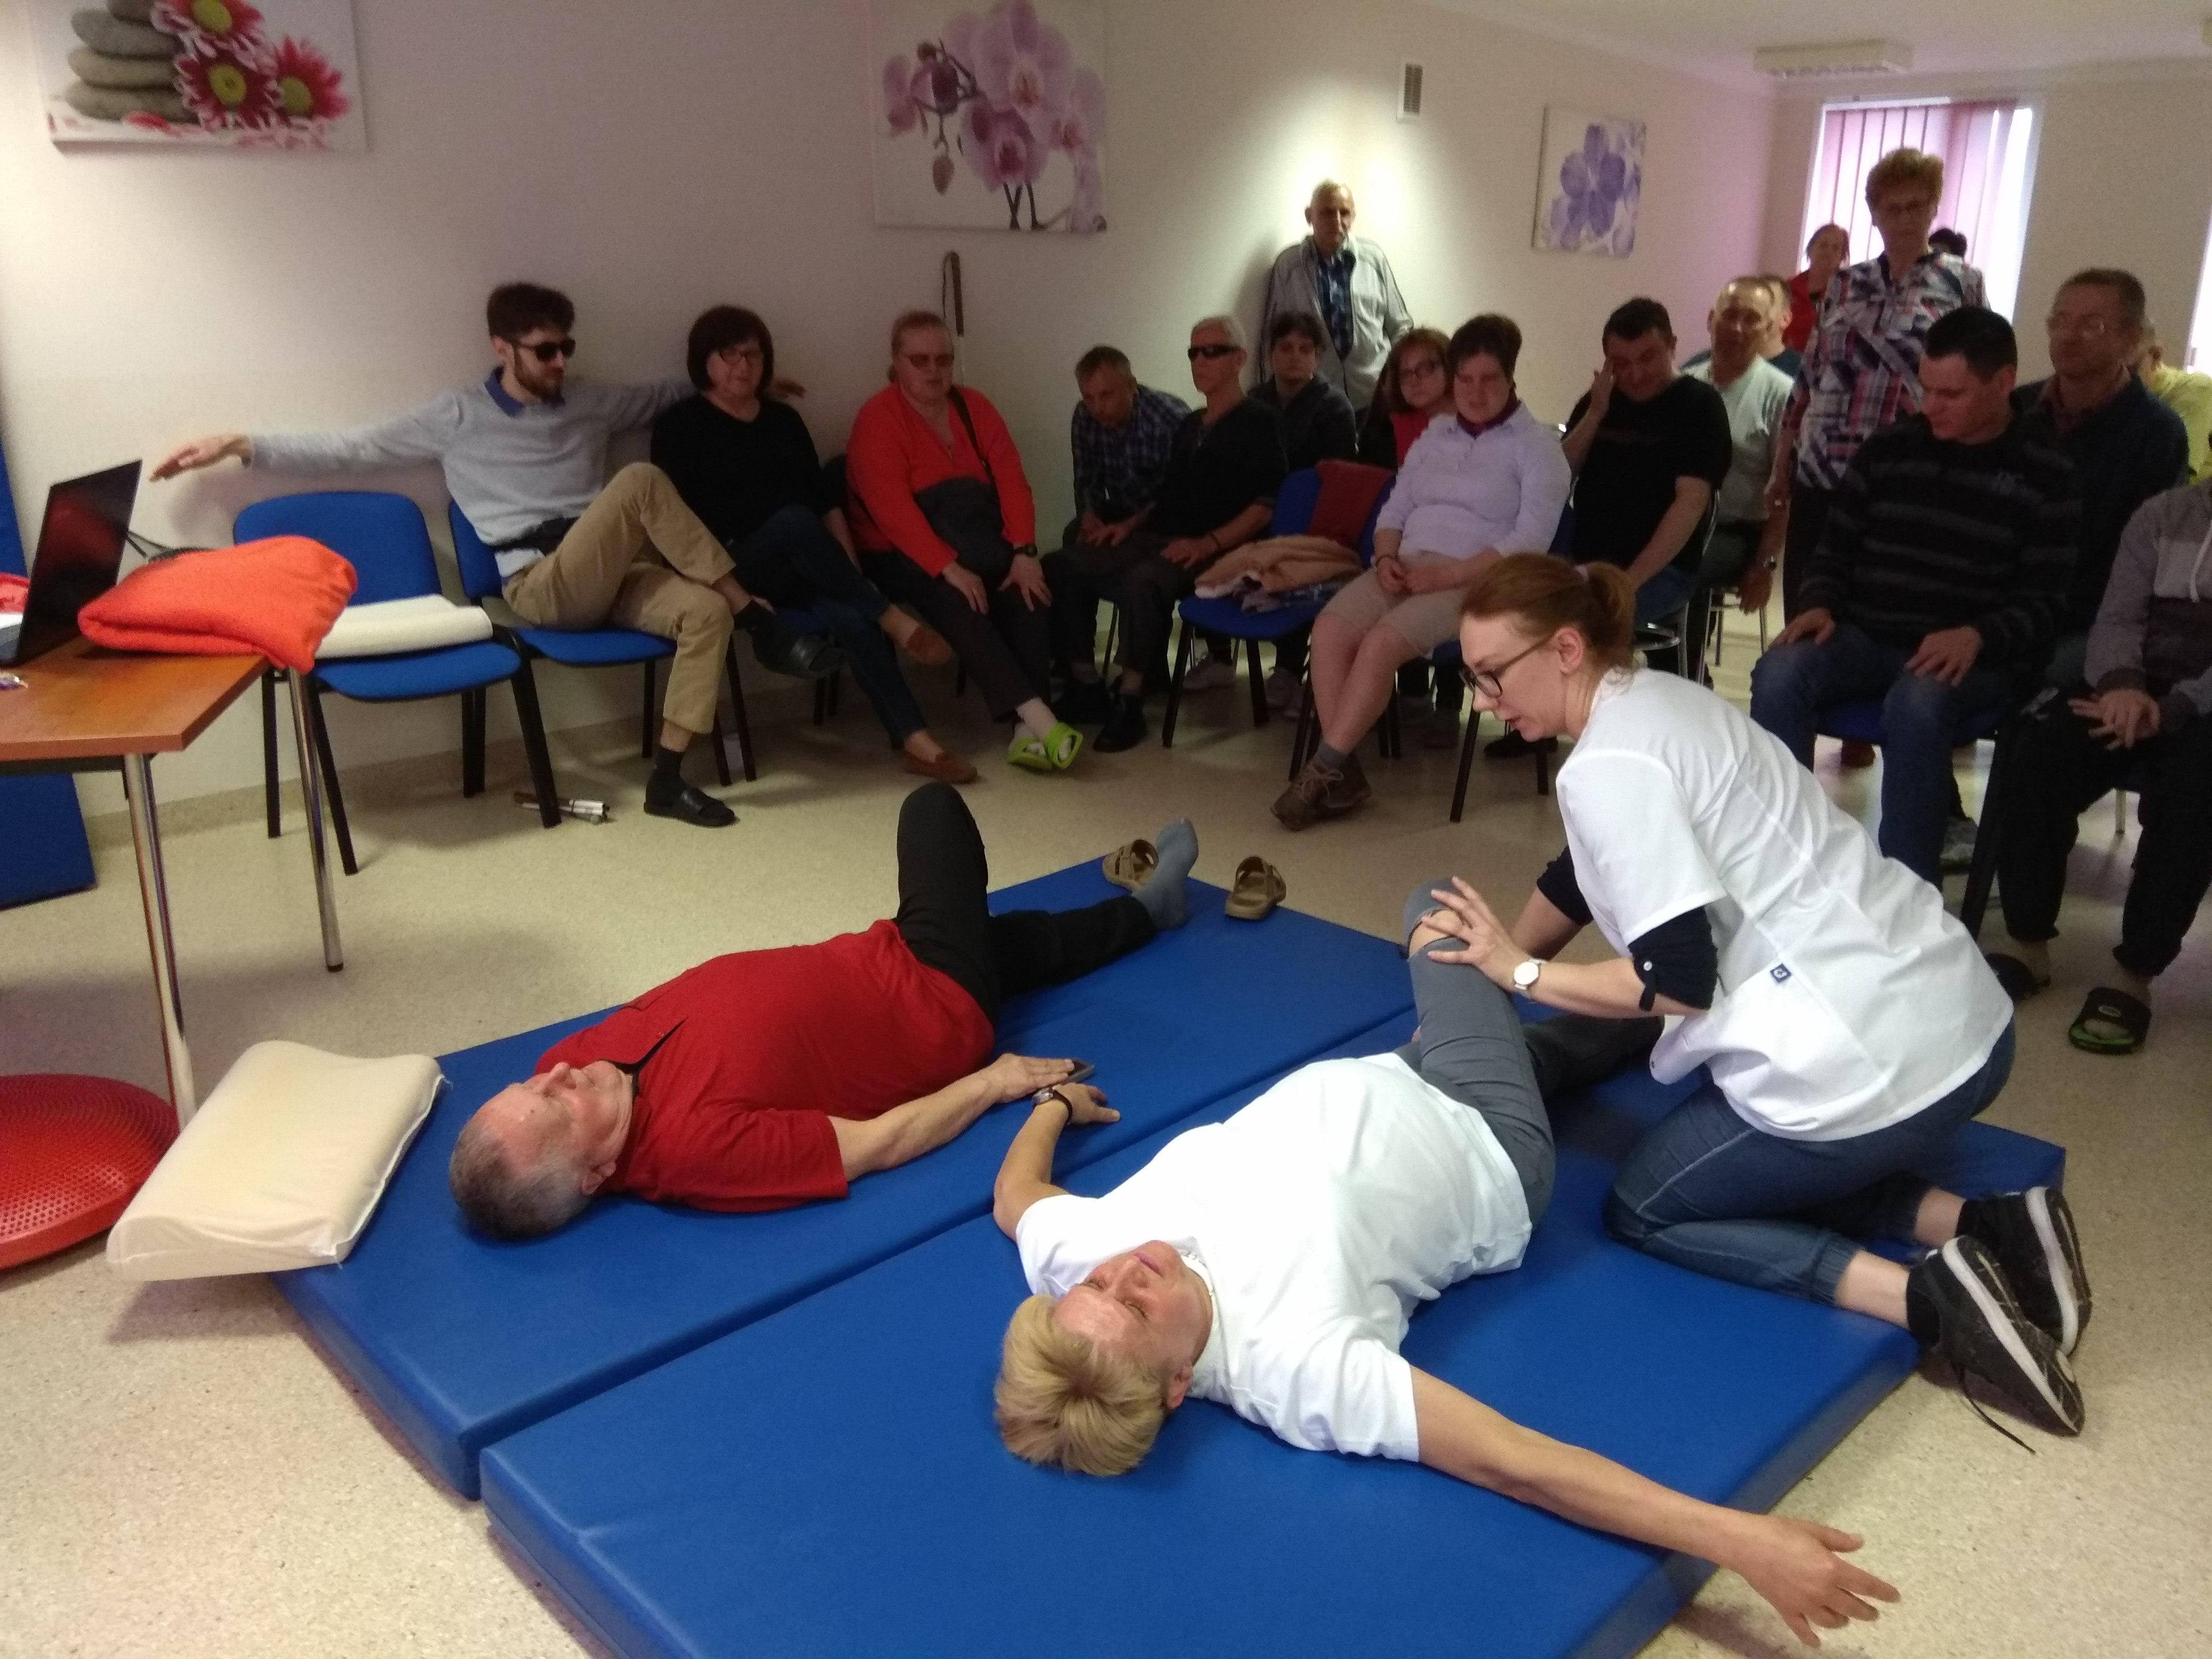 Podczas prezentacji ćwiczenia. Na dwóch niebieskich materacach leżą krótkowłosa blondynka w białym podkoszulku i mężczyzna w czerwonym T-shircie. Leżąc na plecach, lewą nogę trzymają wyprostowaną na materacu, a prawą kończynę zgiętą w kolanie pochylają na lewą stronę. Pani rehabilitantka pomaga pochylić kobiecie kończynę we właściwy sposób. Na krzesłach siedzą przyglądający się ćwiczeniu pozostali zjazdowicze.